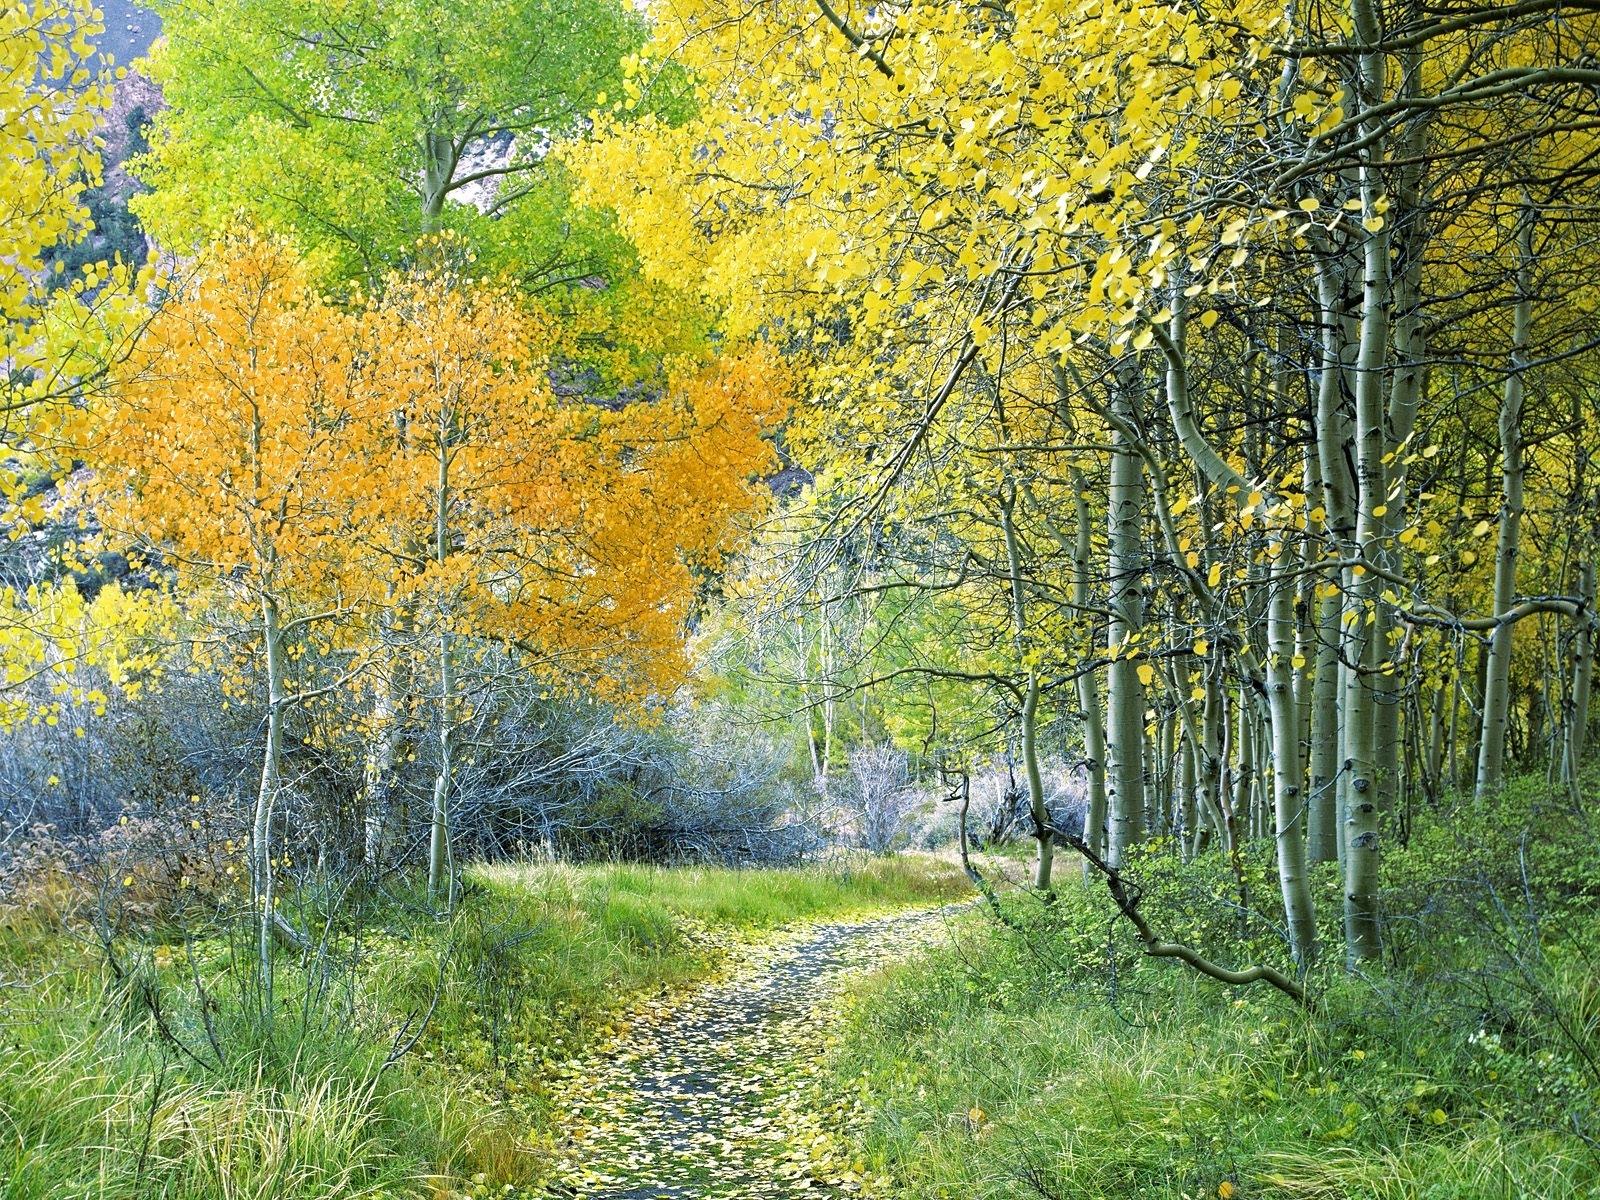 Скачать картинку Растения, Пейзаж, Природа, Деревья, Дороги в телефон бесплатно.